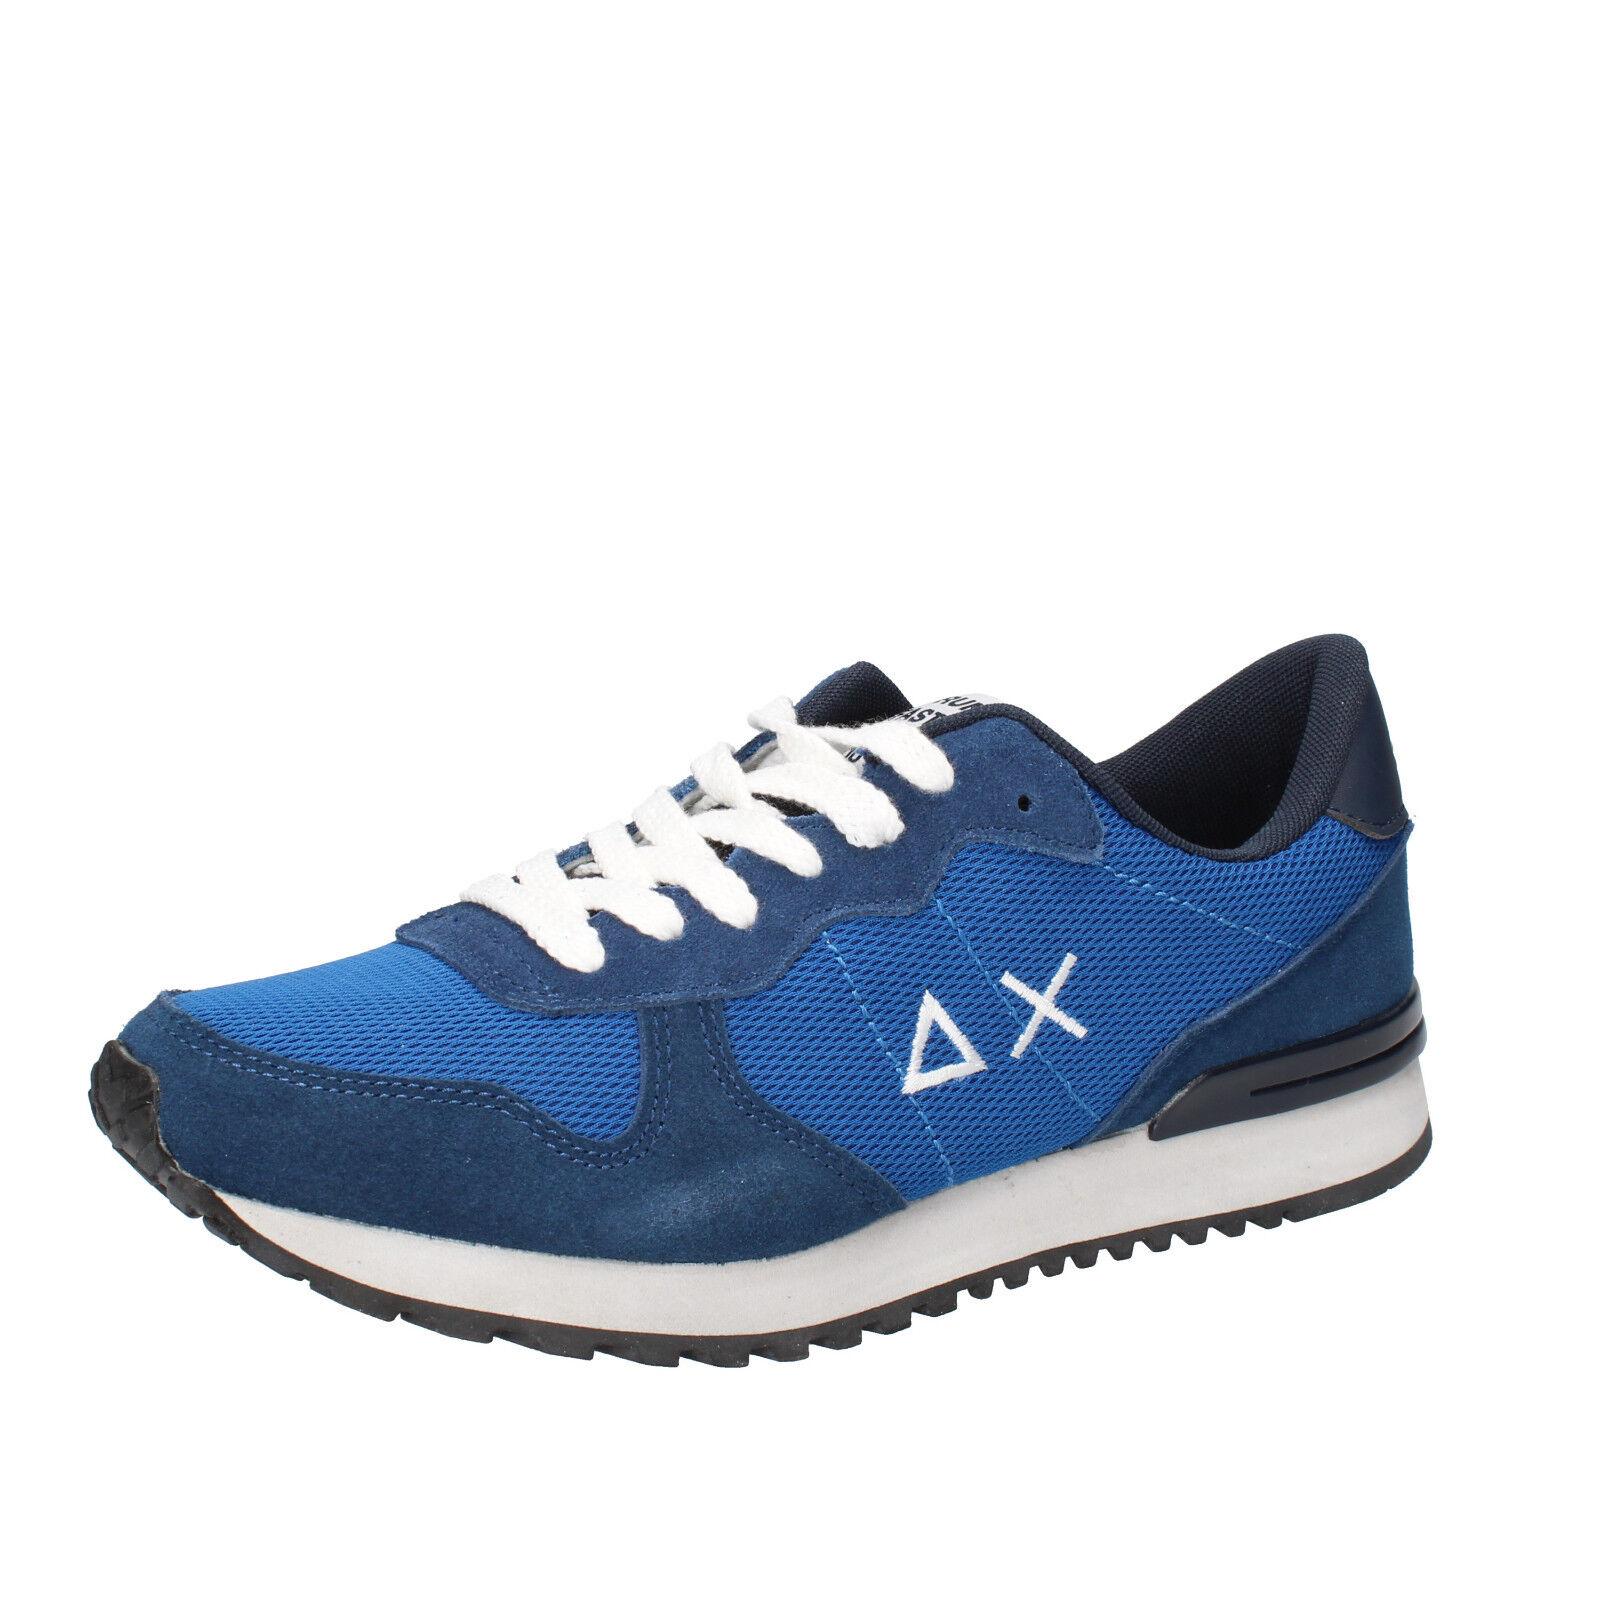 men's shoes SUN 68 8 () sneakers blue textile suede AB797-C